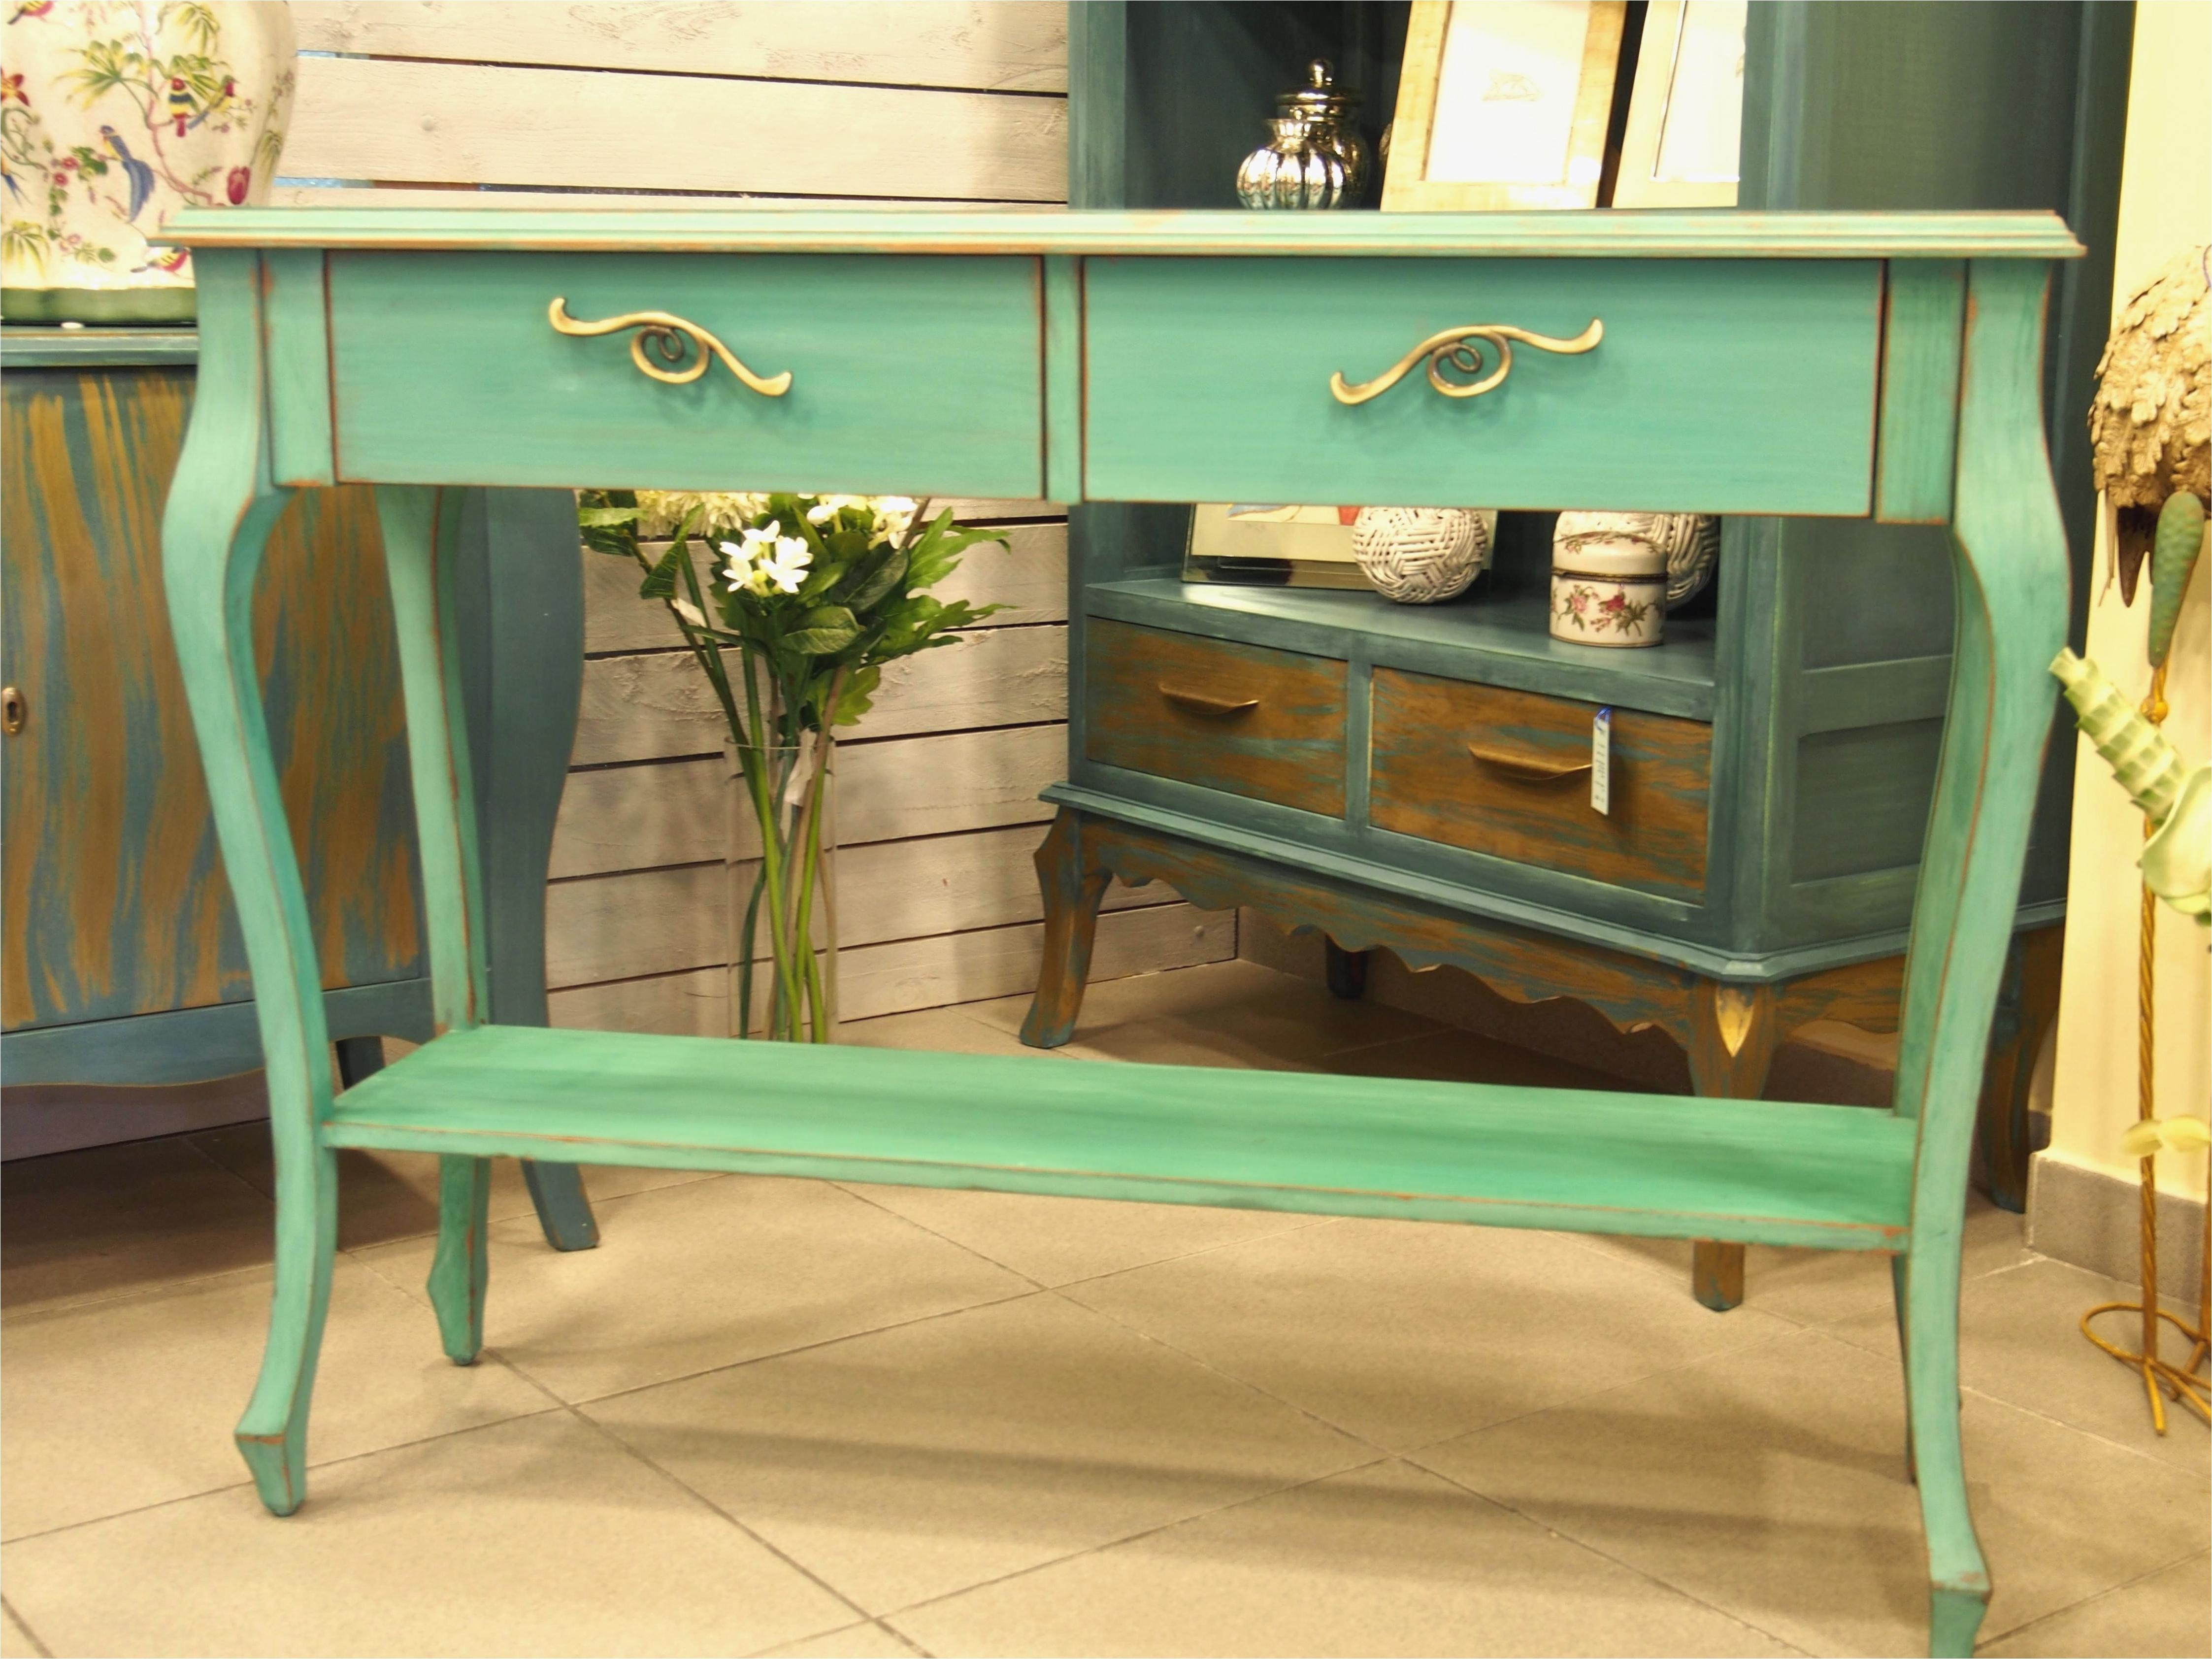 Vender muebles antiguos interesting se vende muebles for Se compran muebles usados